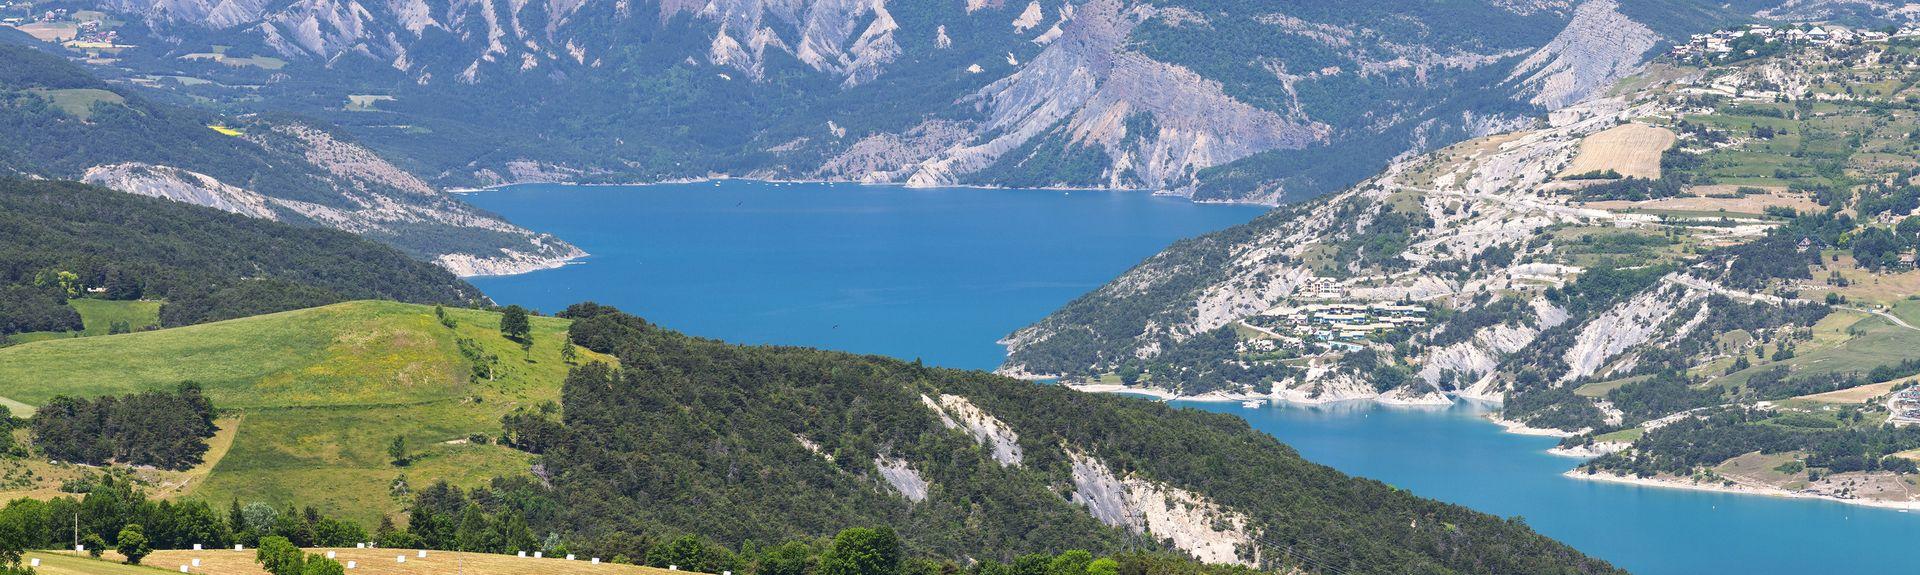 Alpes-de-Haute-Provence (department), France